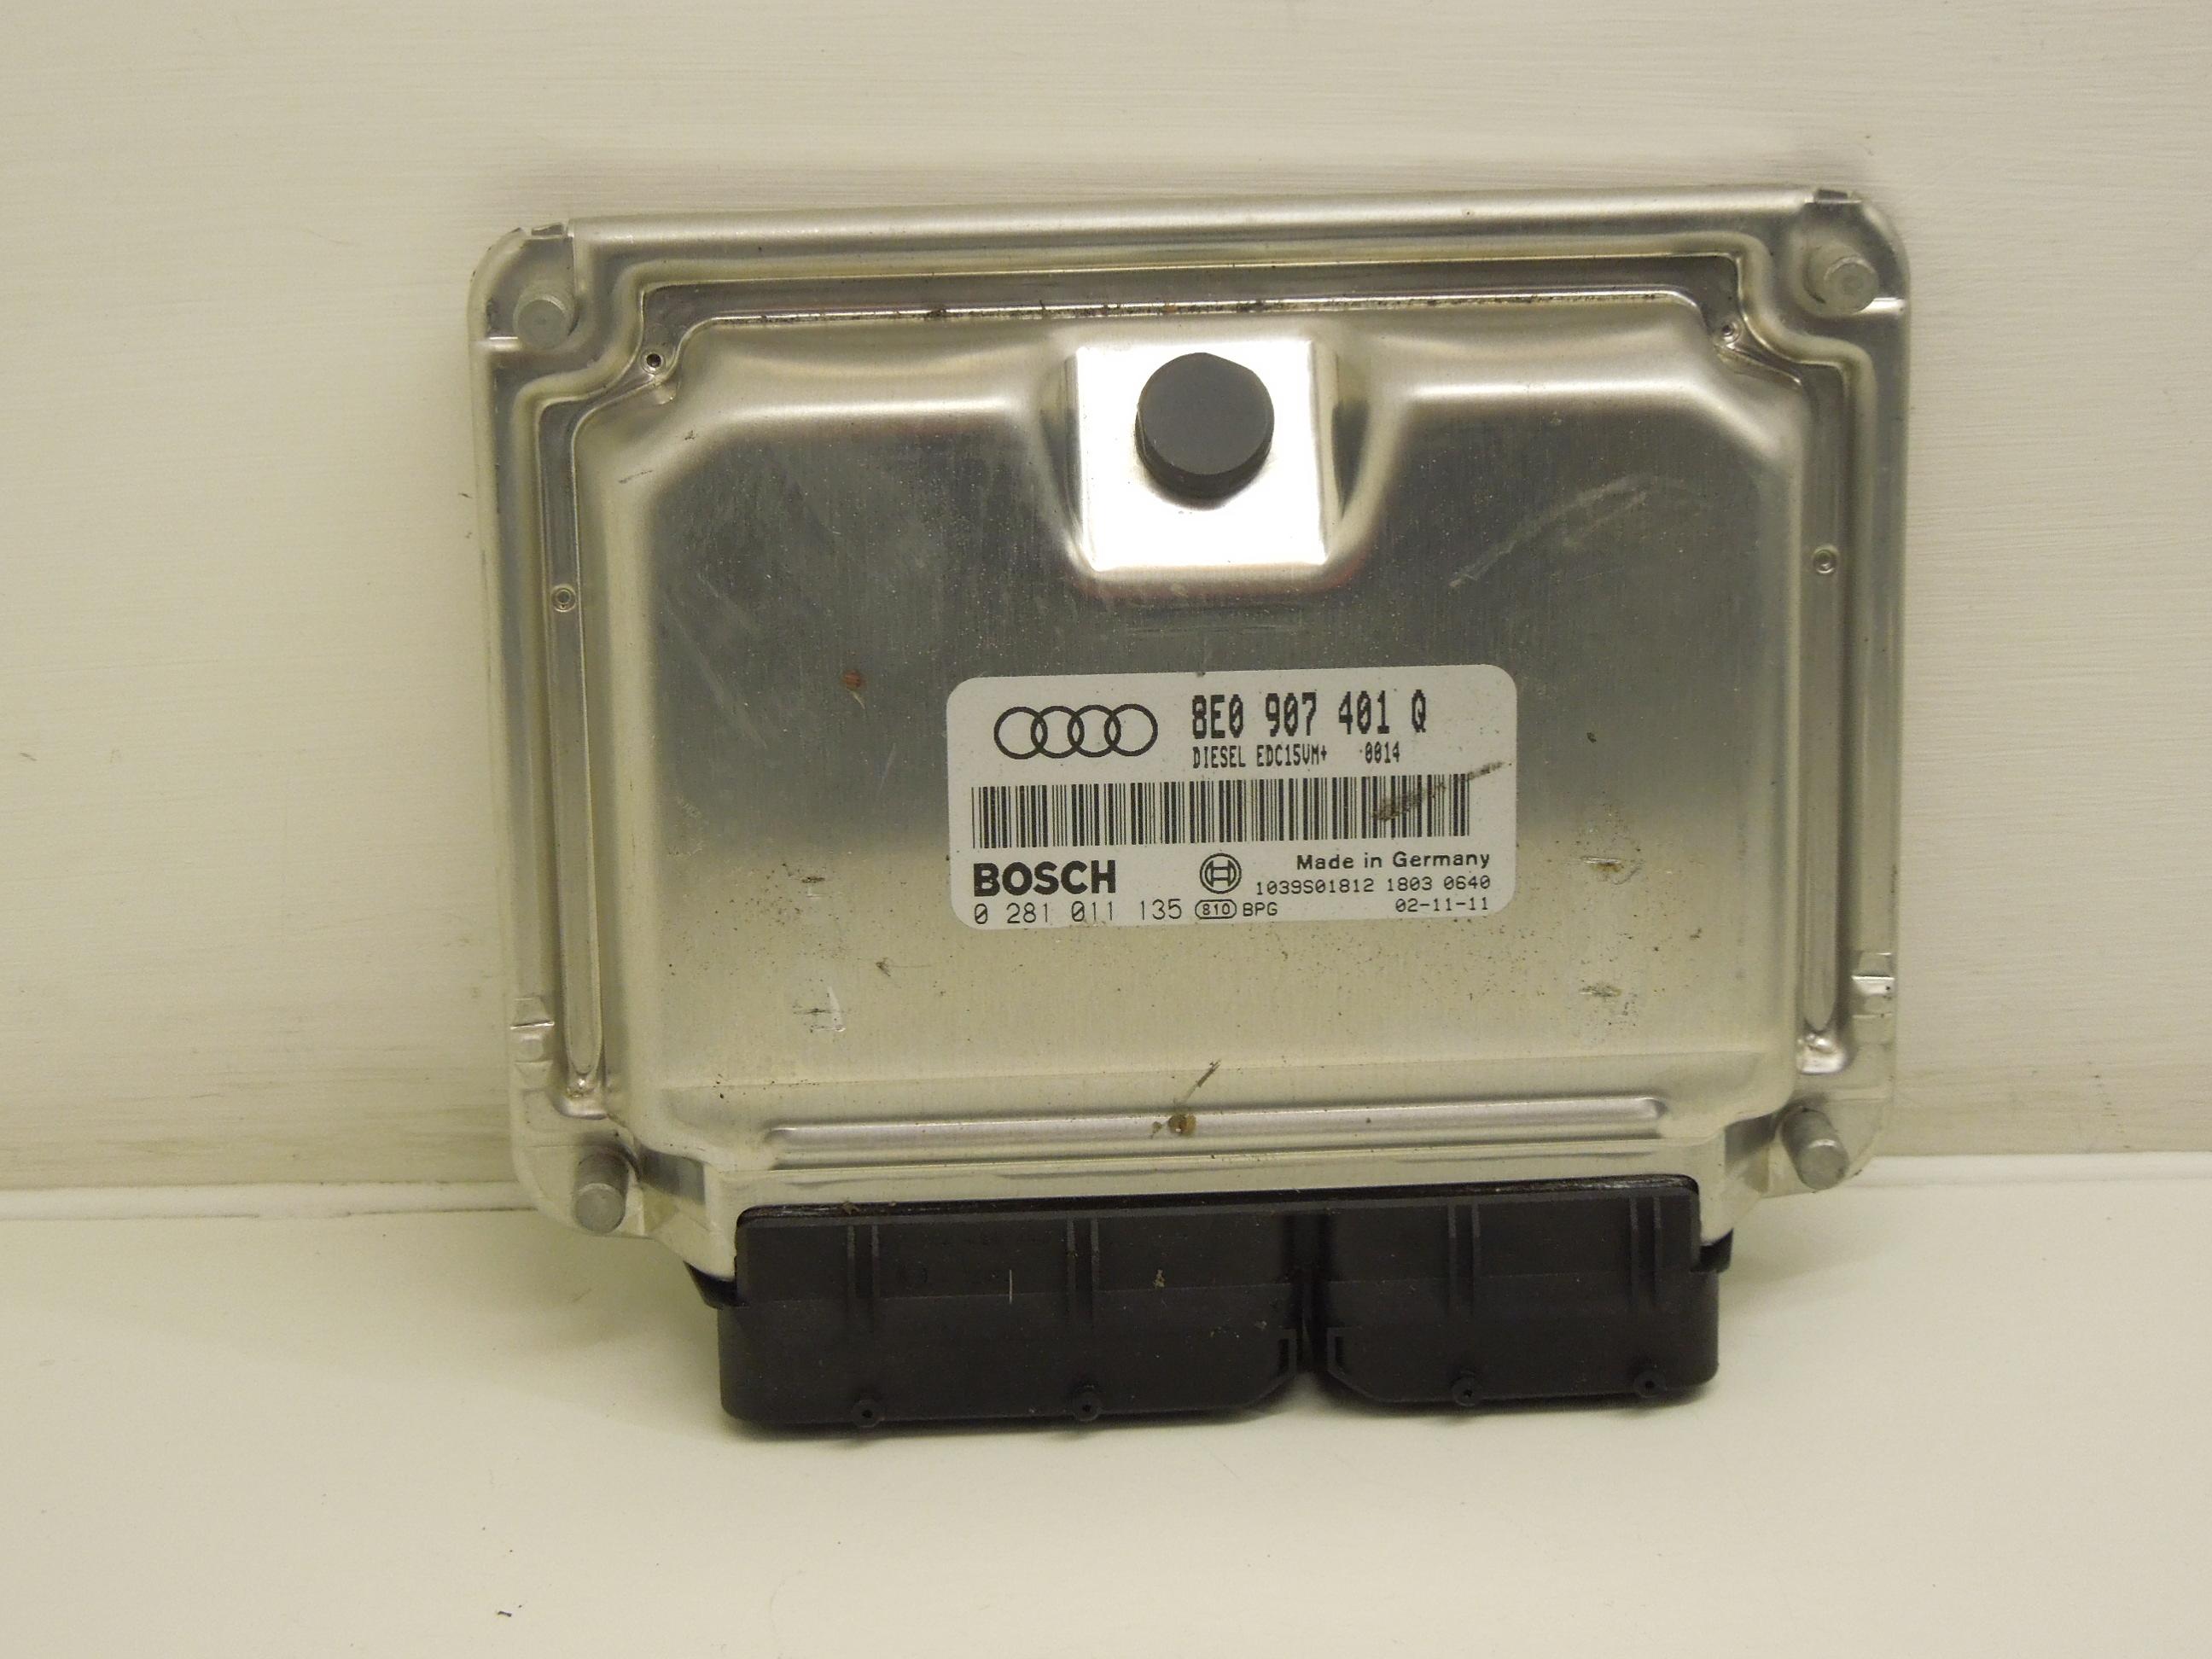 AUDI A6 V6 TDI BDG moteur unité de contrôle ECU 8E0907401T